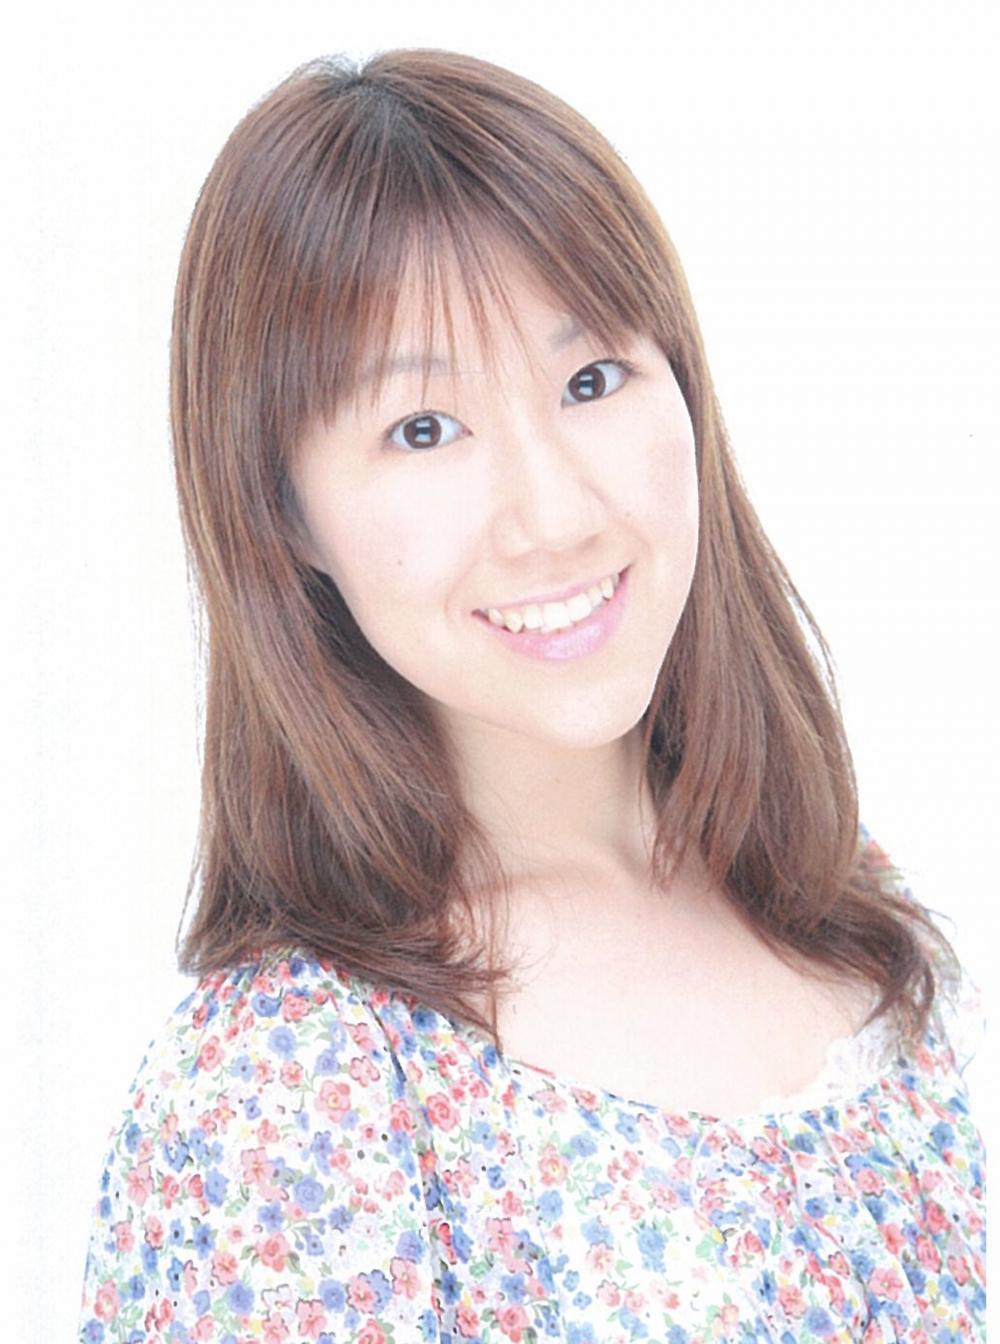 File:MinakoSaito.jpg